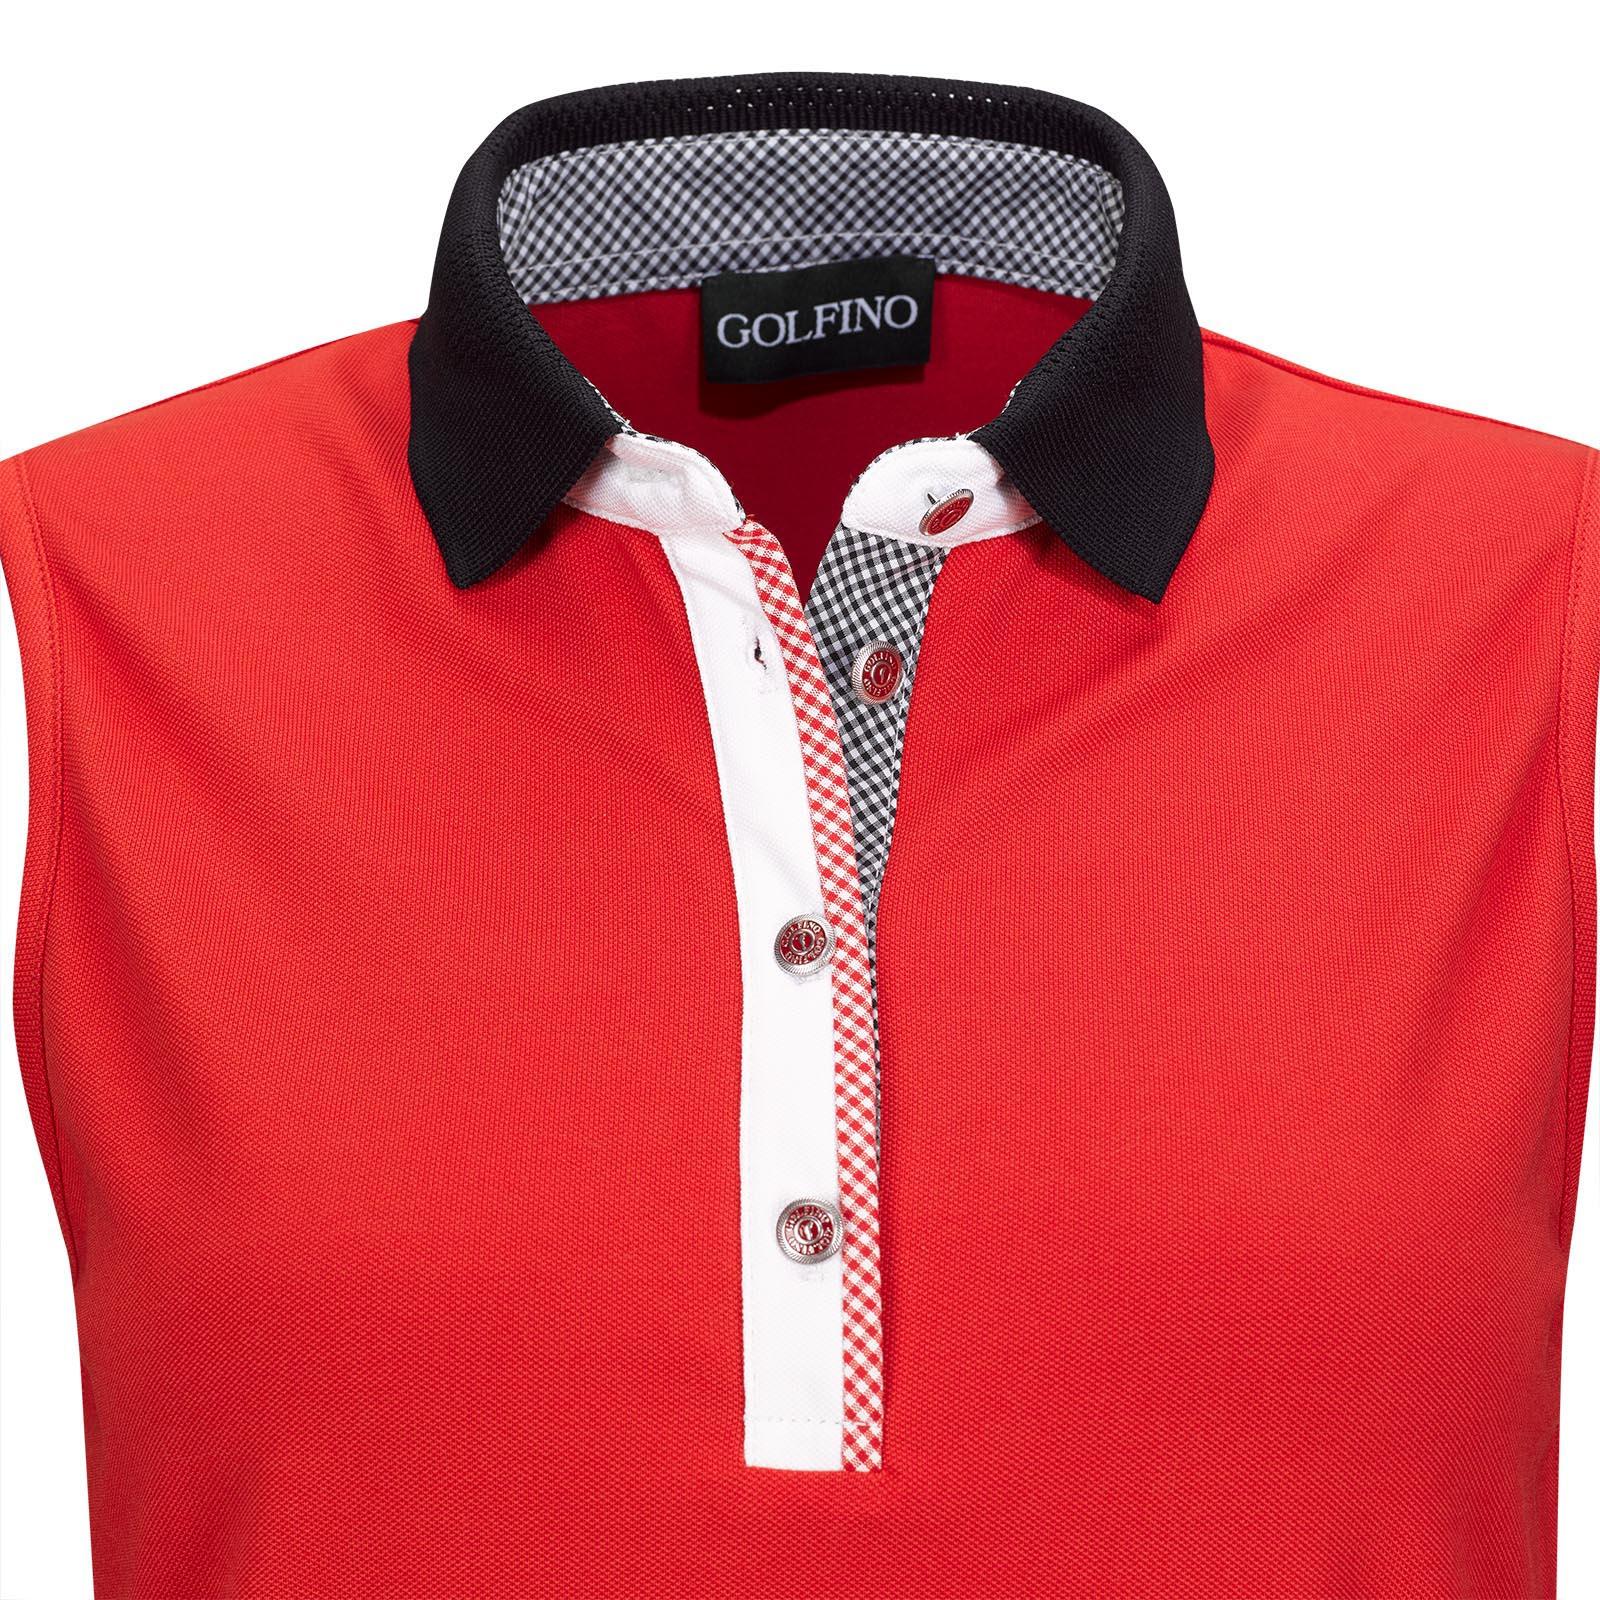 Ärmelloses Damen Funktions-Golfpolo mit UV-Schutz und Vichy Muster